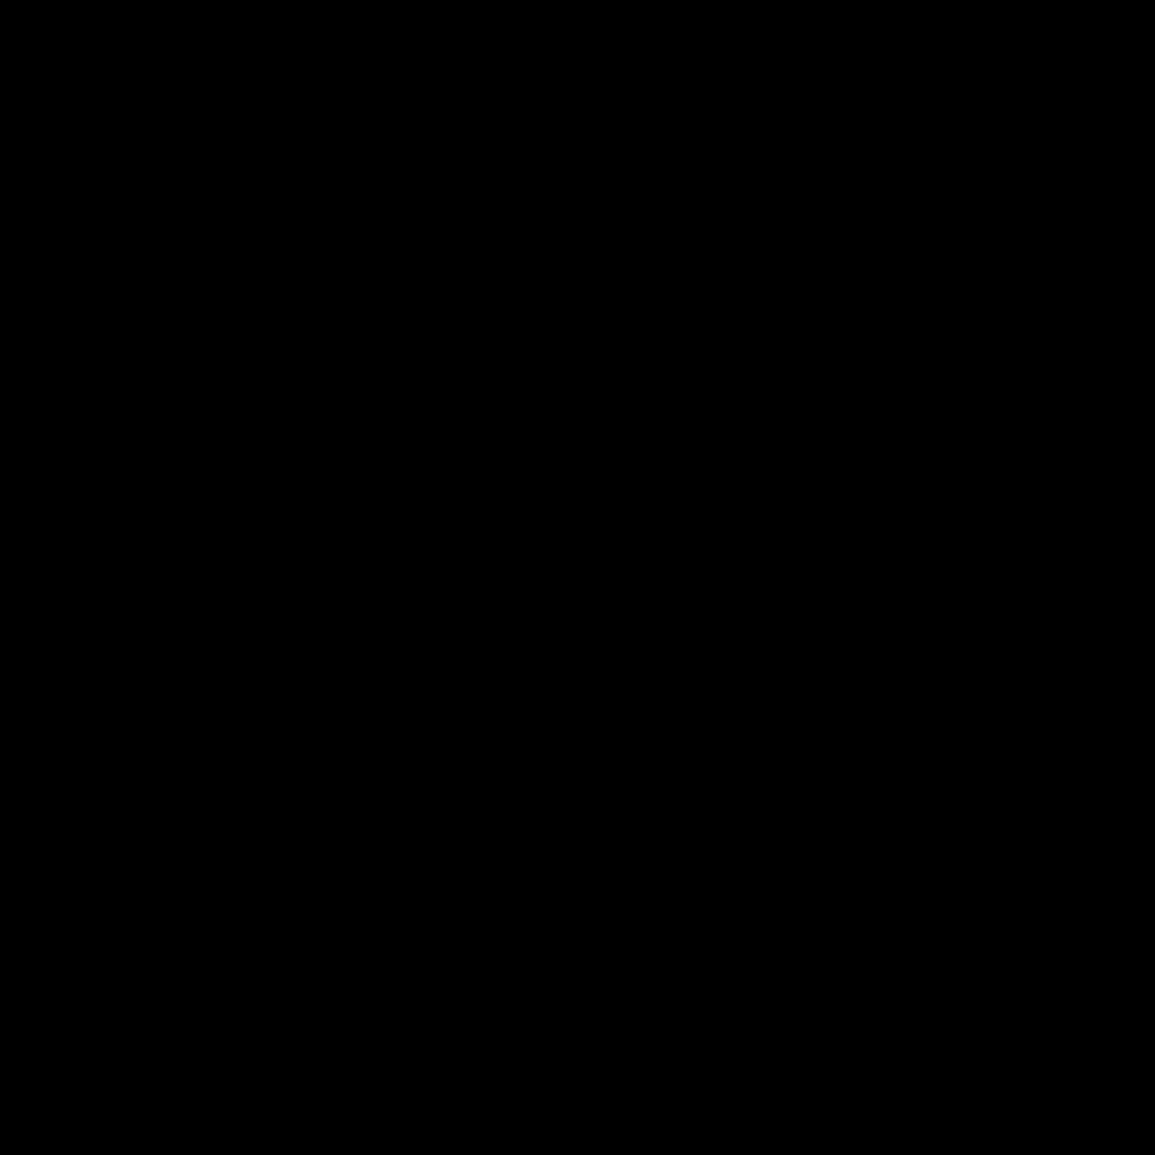 ナール L LNAR 字形見本